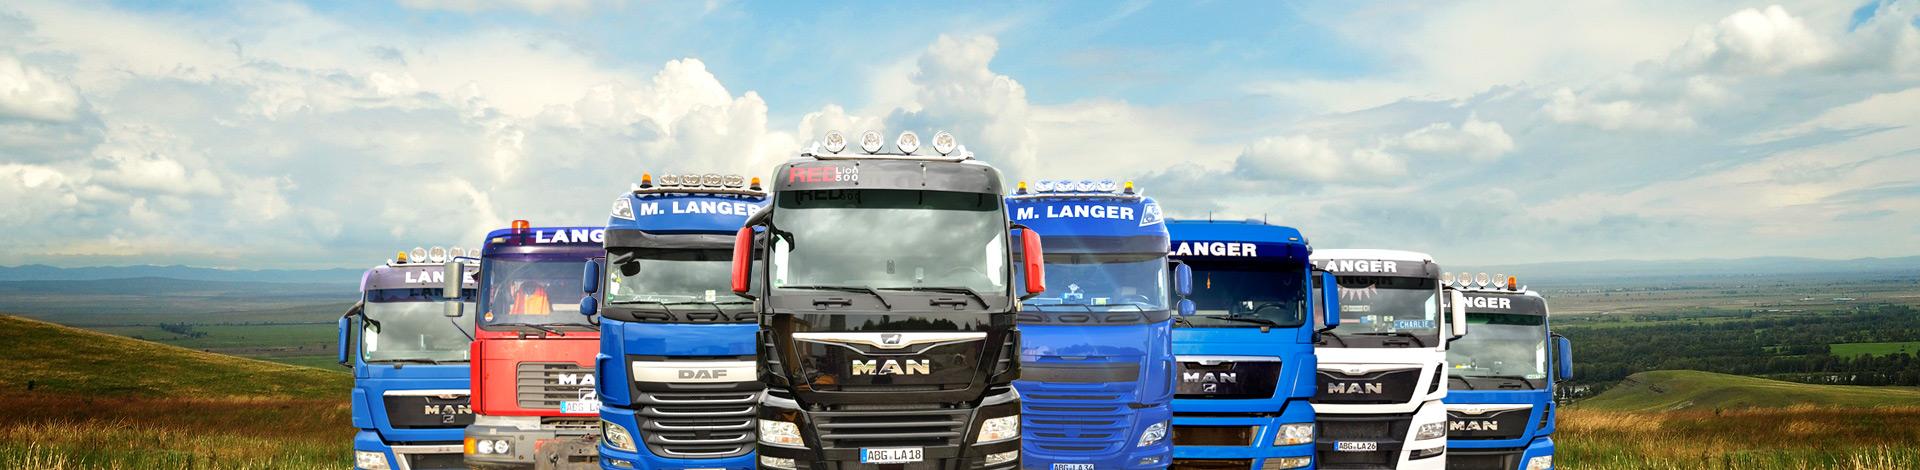 LKW-Flotte Spedition Langer